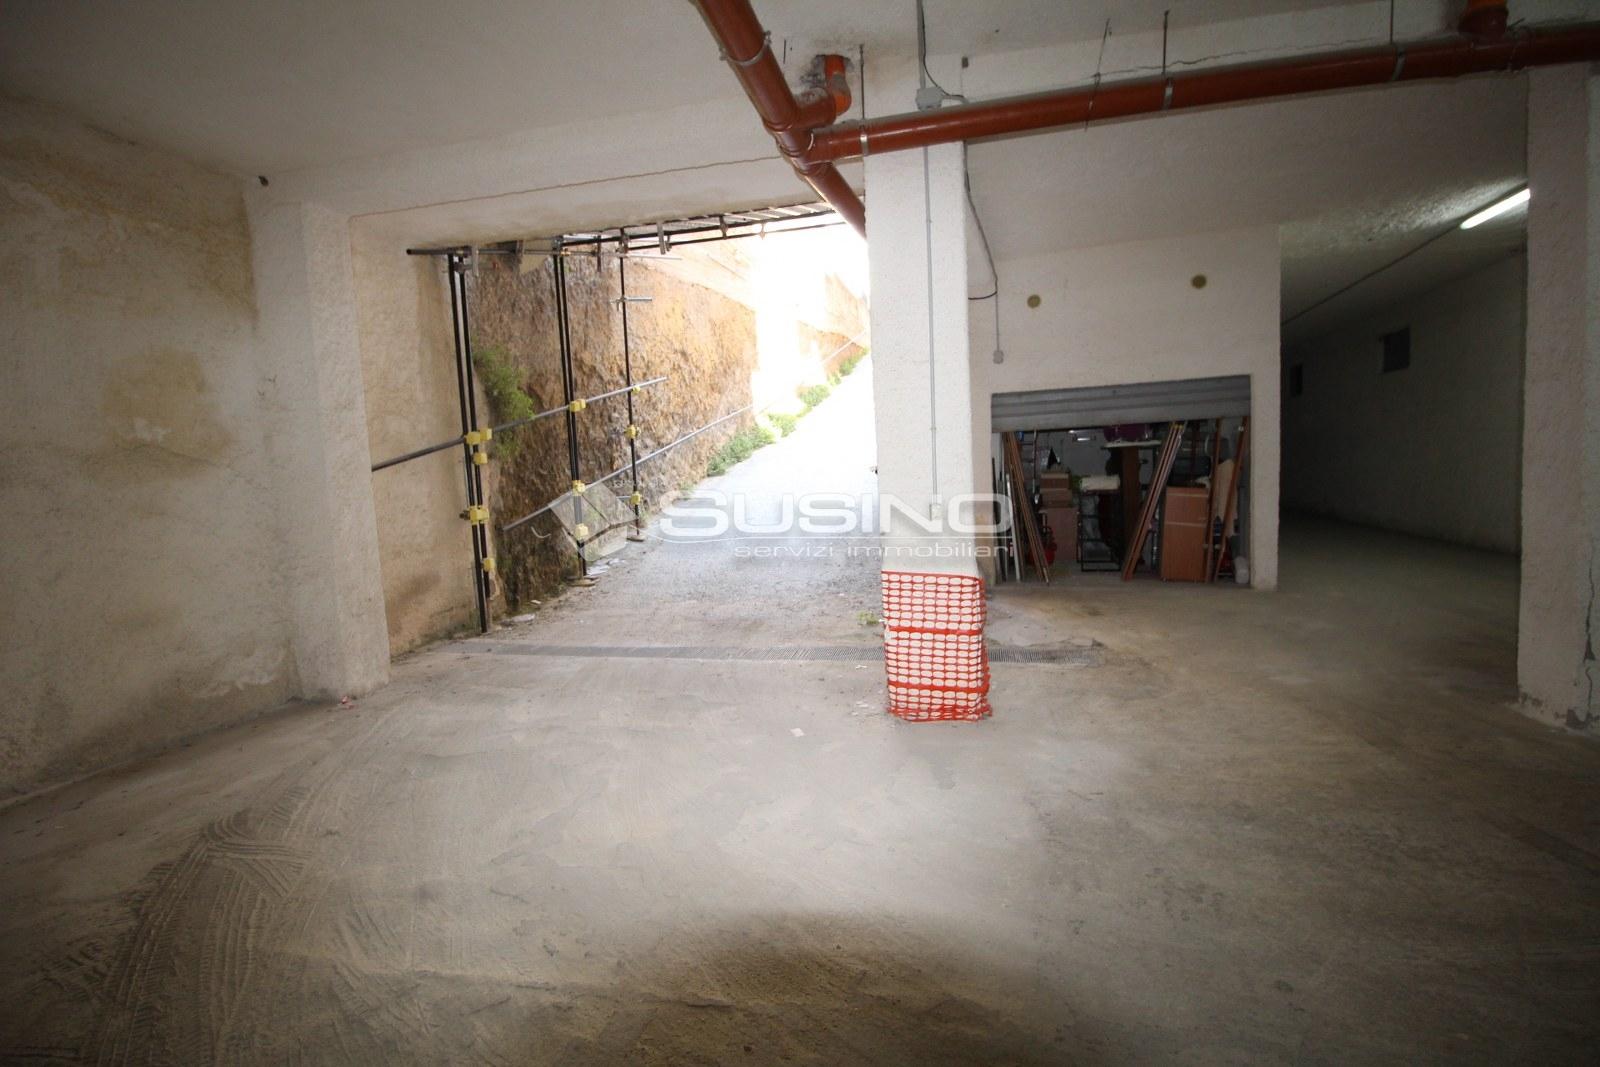 Box / Garage in vendita a Siracusa, 9999 locali, zona Zona: Borgata, prezzo € 11.000 | CambioCasa.it